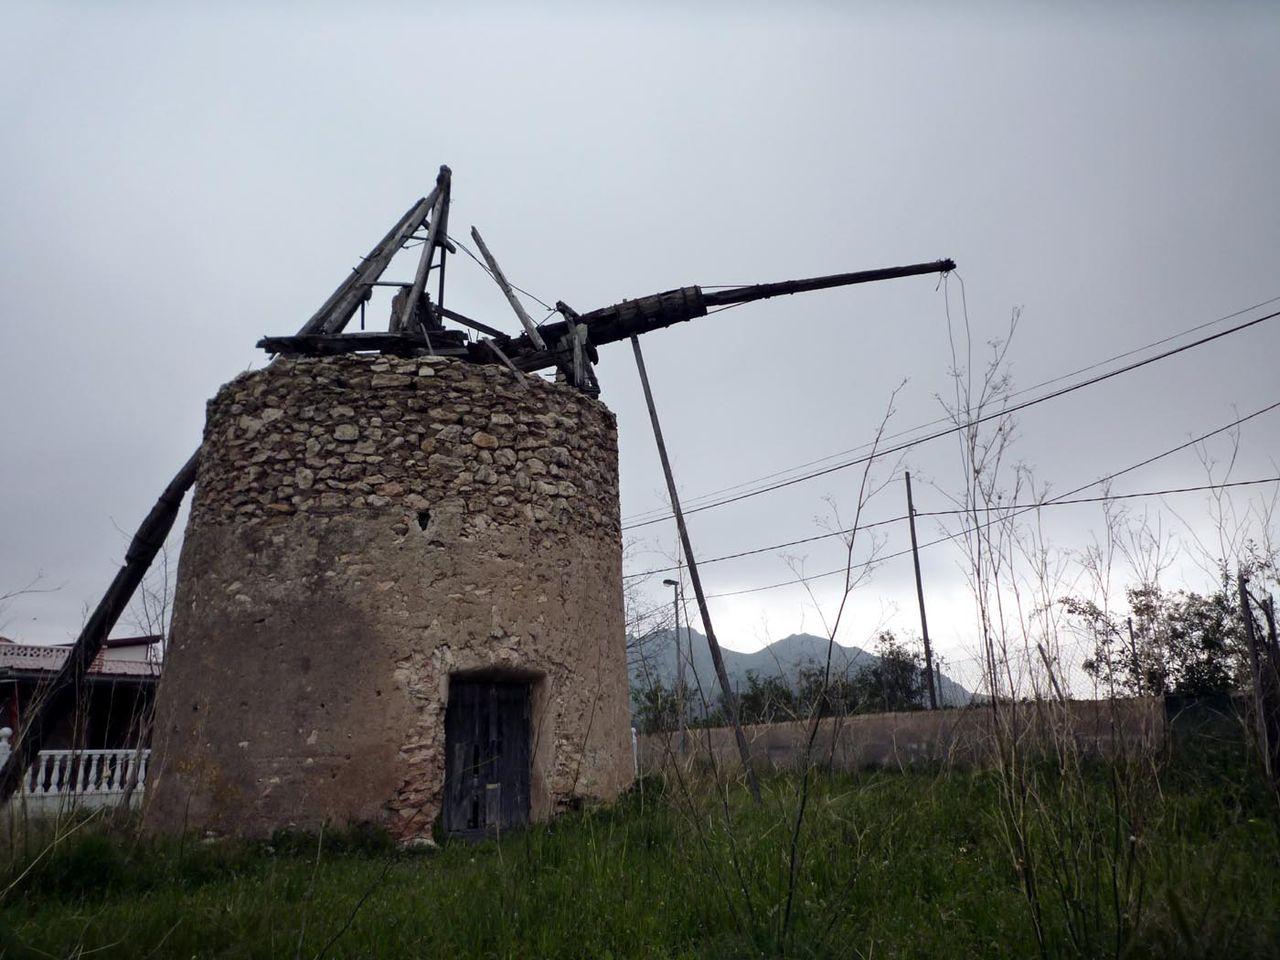 Molino de viento en ruinas en Galifa